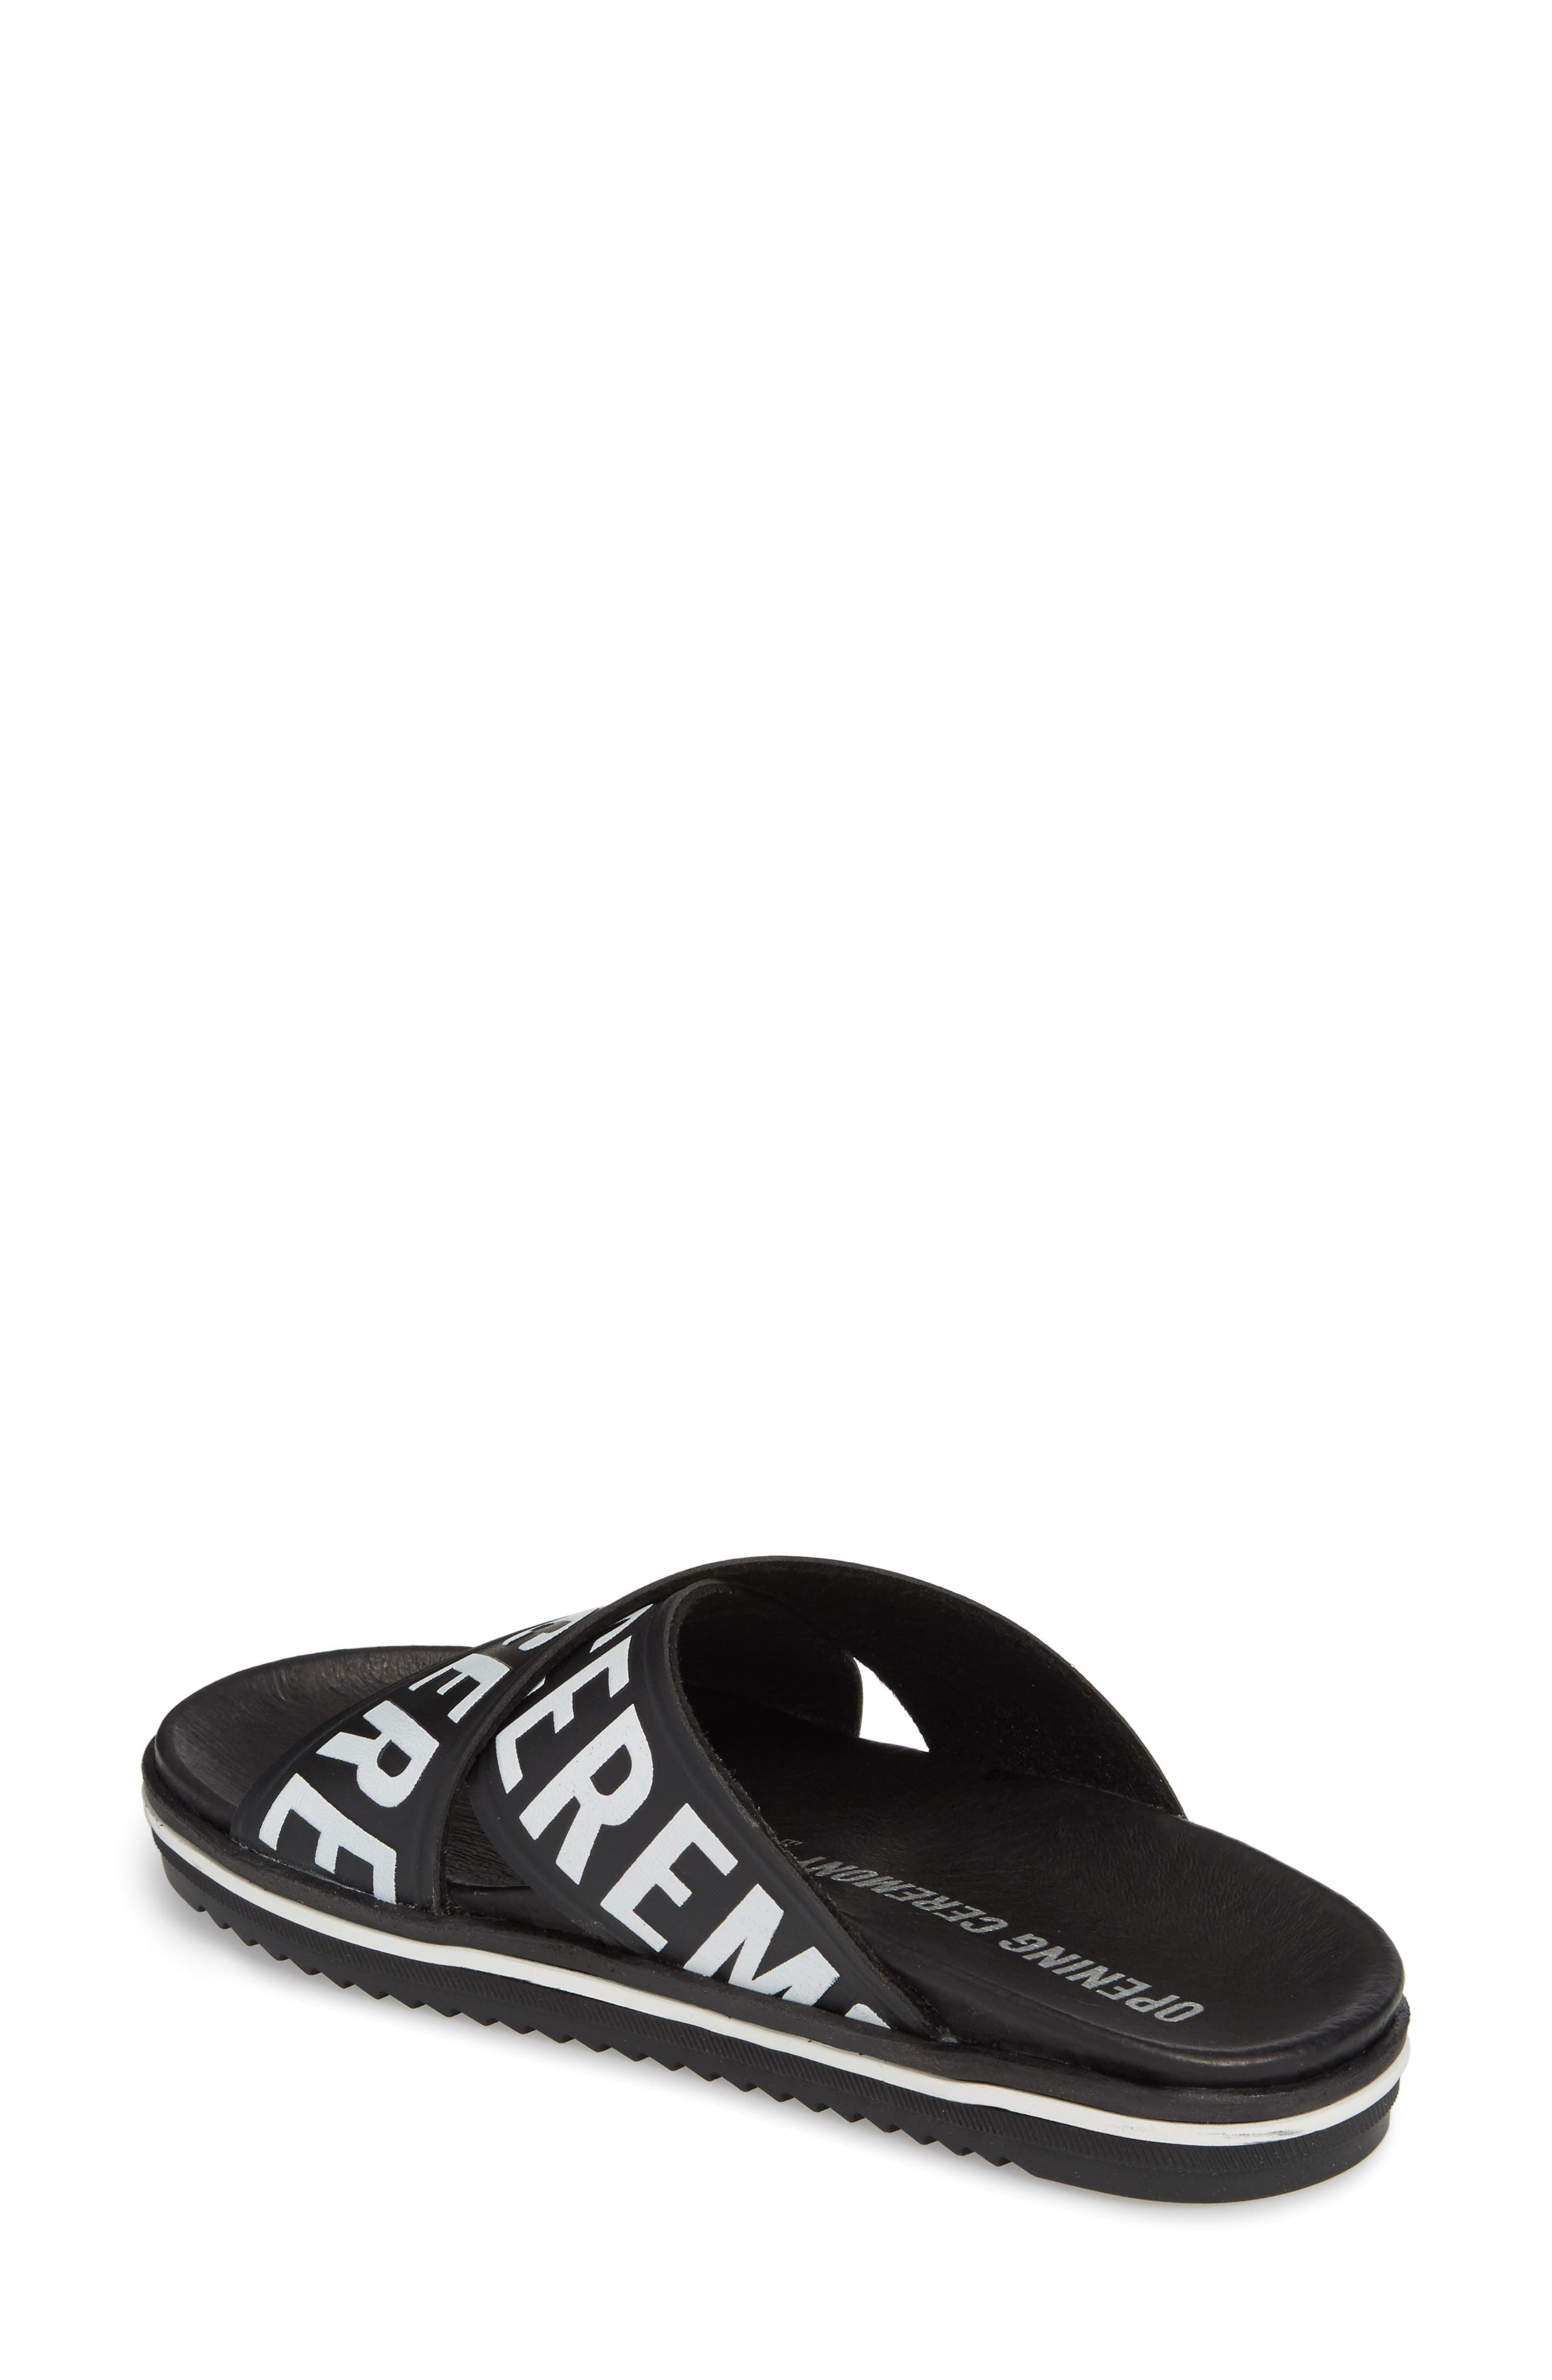 Berkeley Slide Sandal,                             Alternate thumbnail 2, color,                             BLACK MULTI